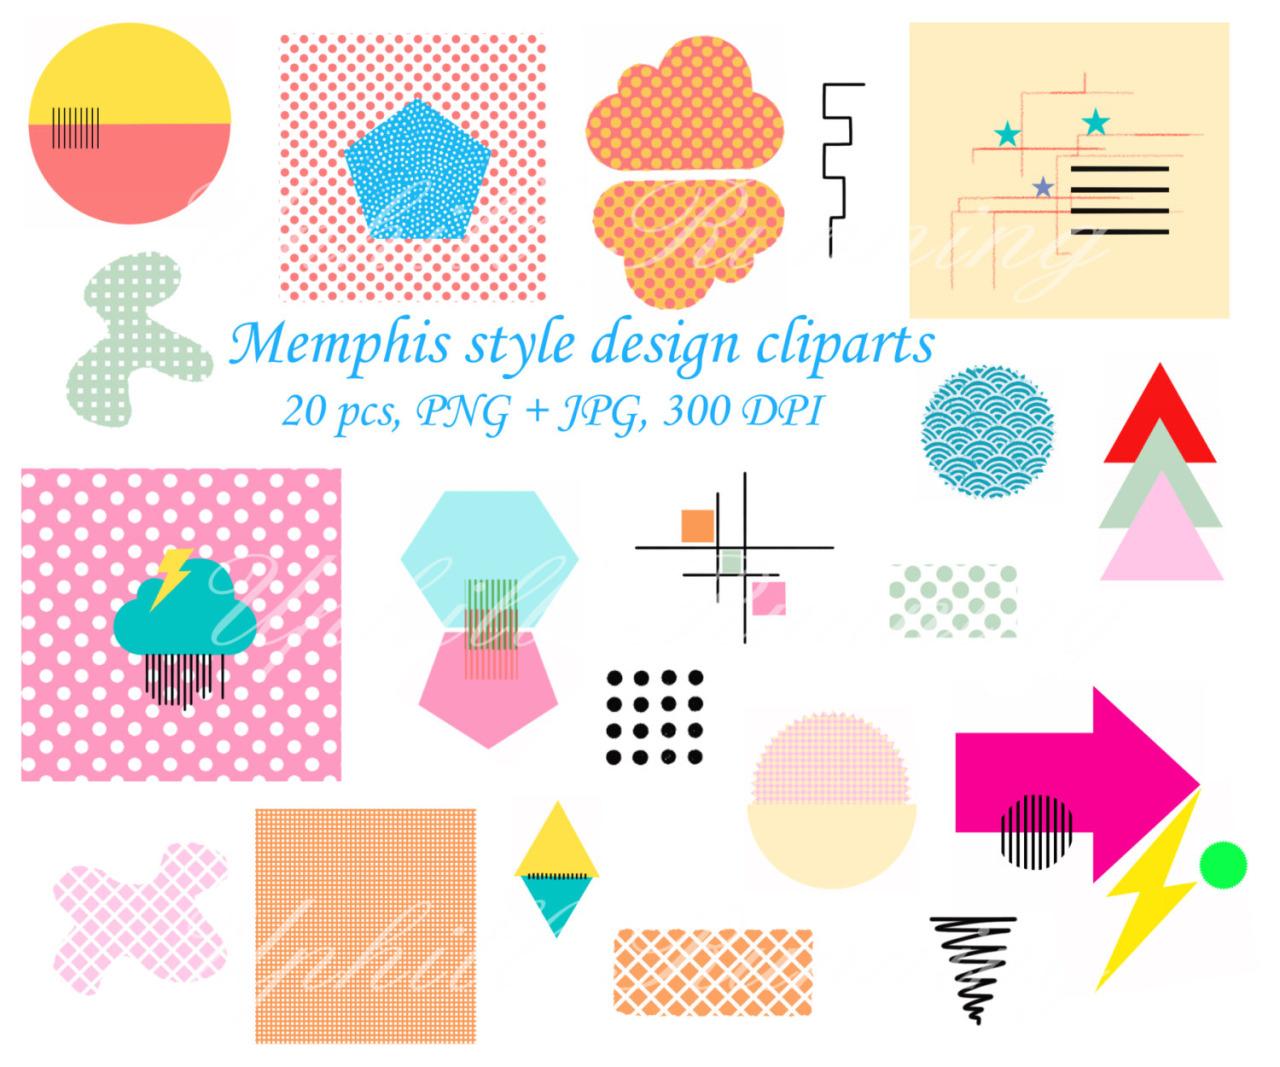 Uphillrunning — Memphis design clipart, 20 pcs 1980s Pop art,.